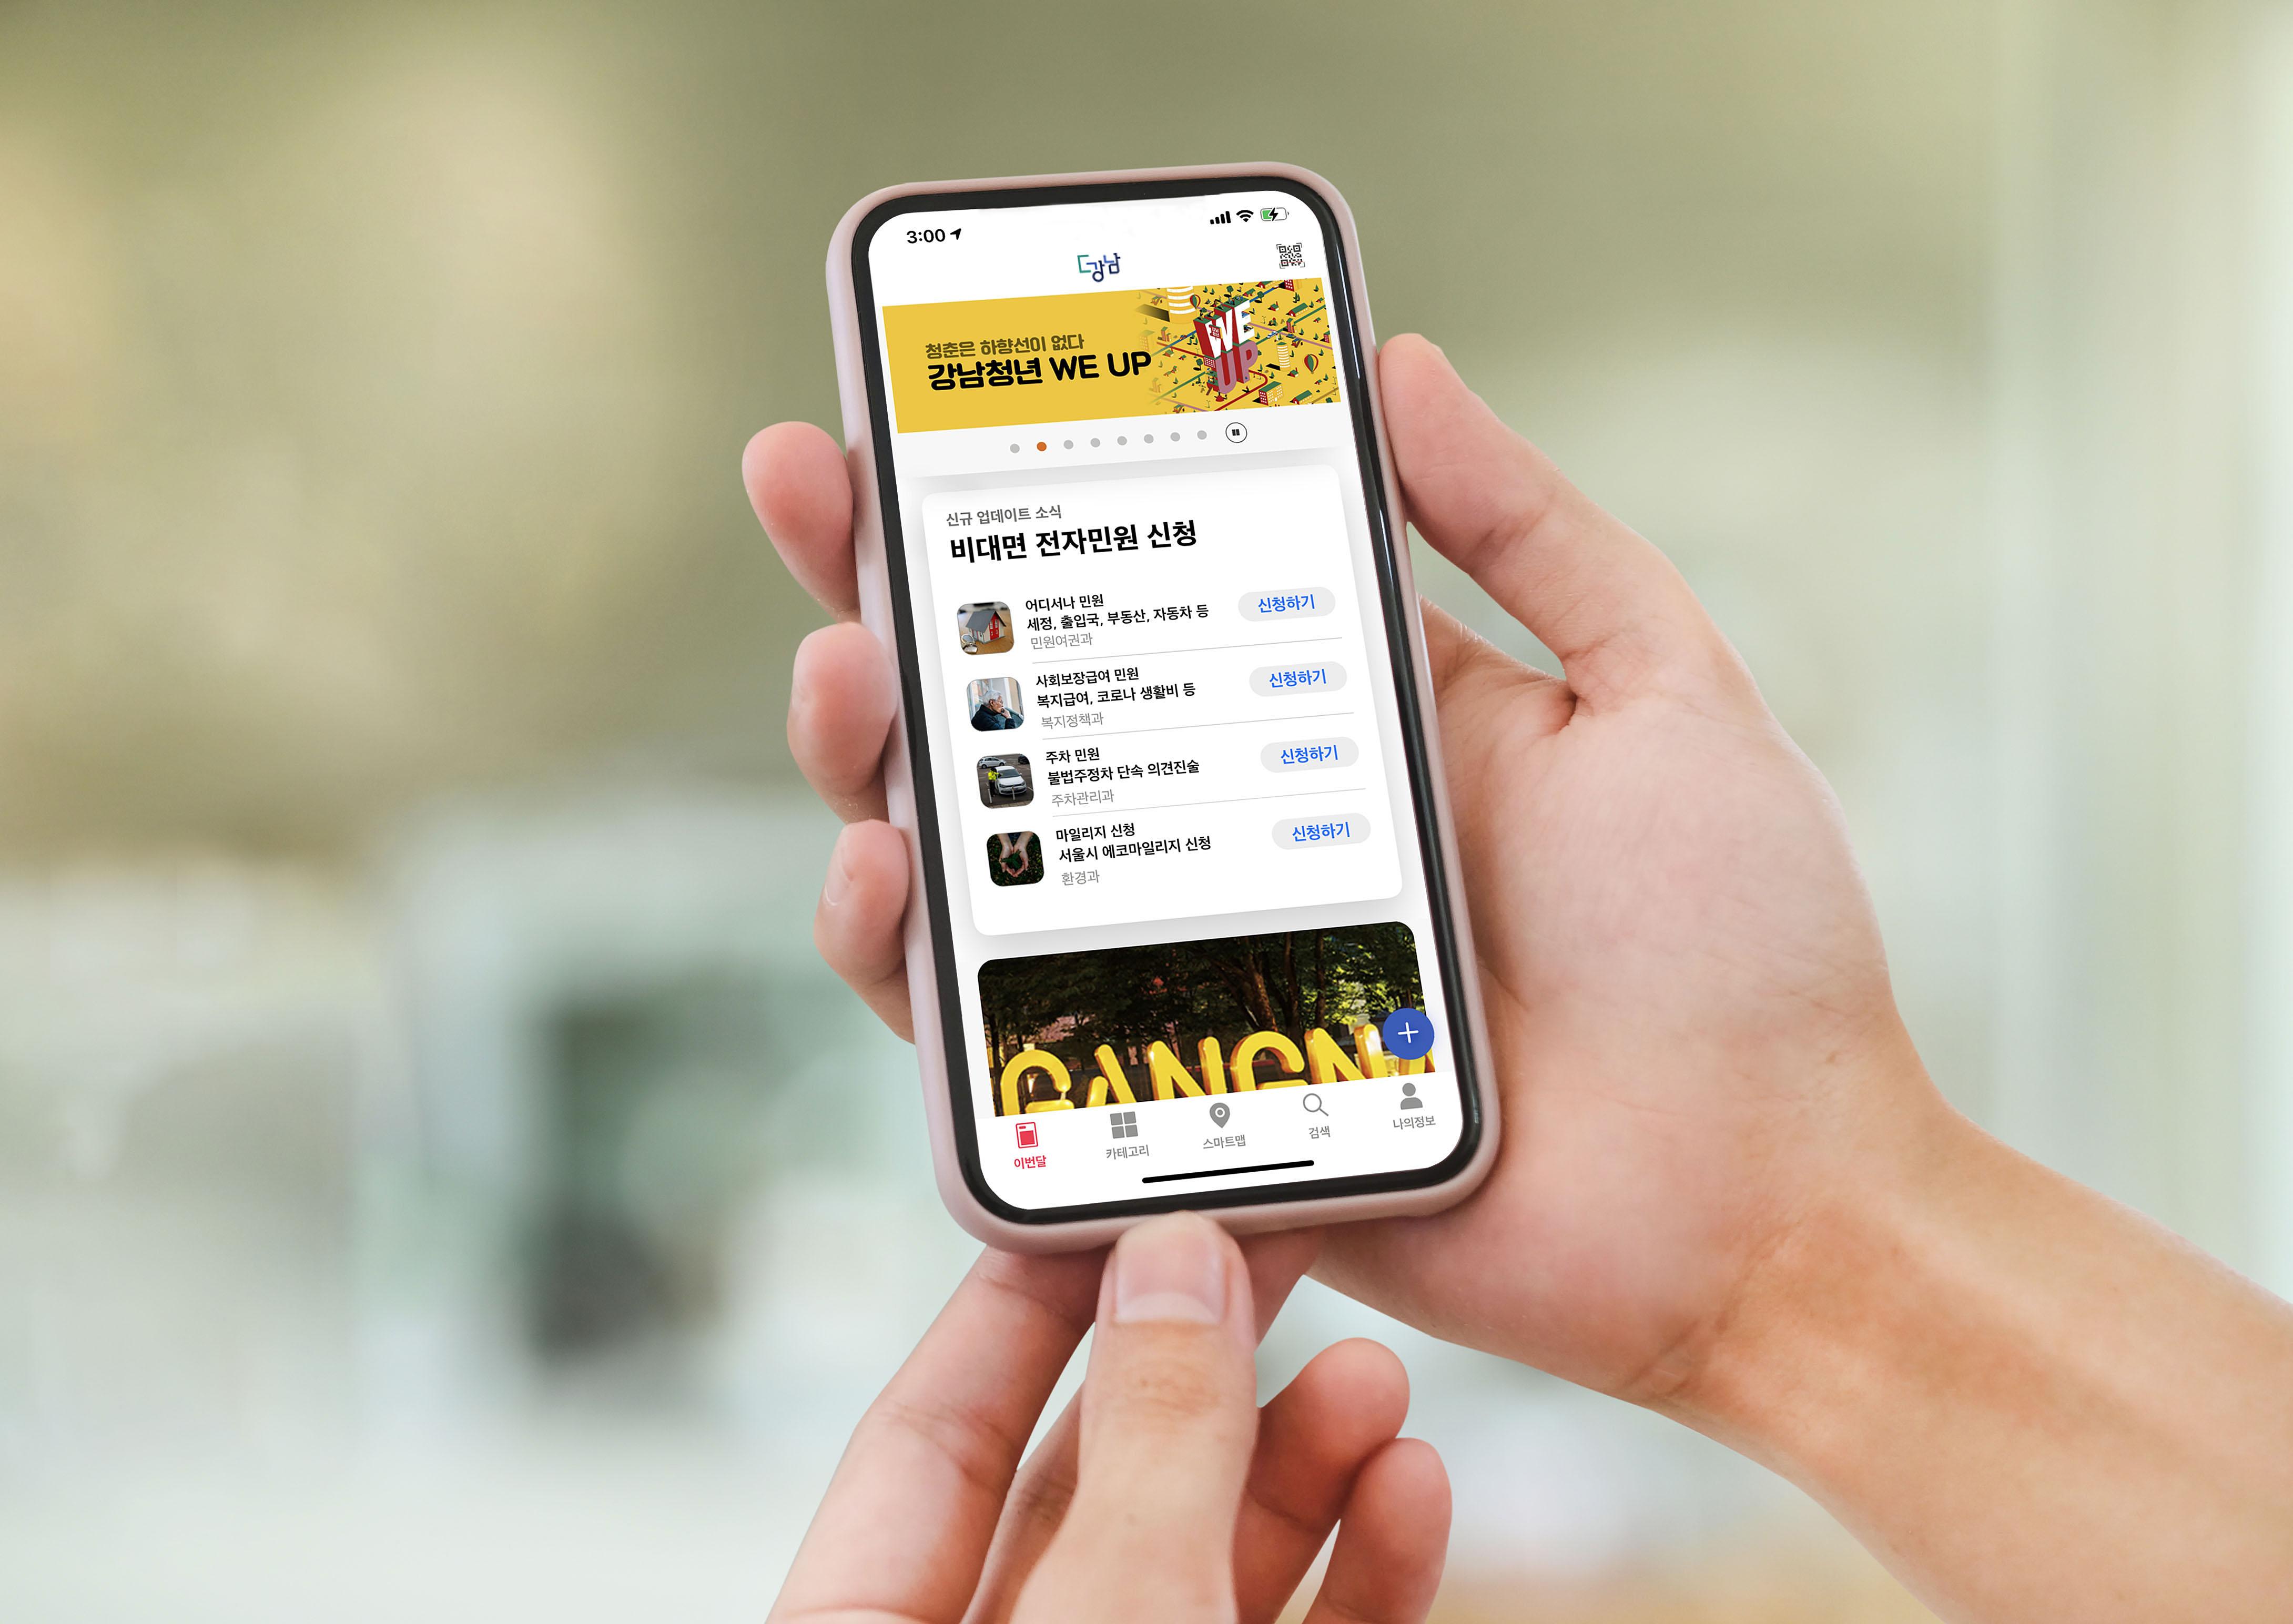 5월 모바일 '더강남'앱으로 종이 없는 스마트 행정서비스…민원에 복지급여 신청까지